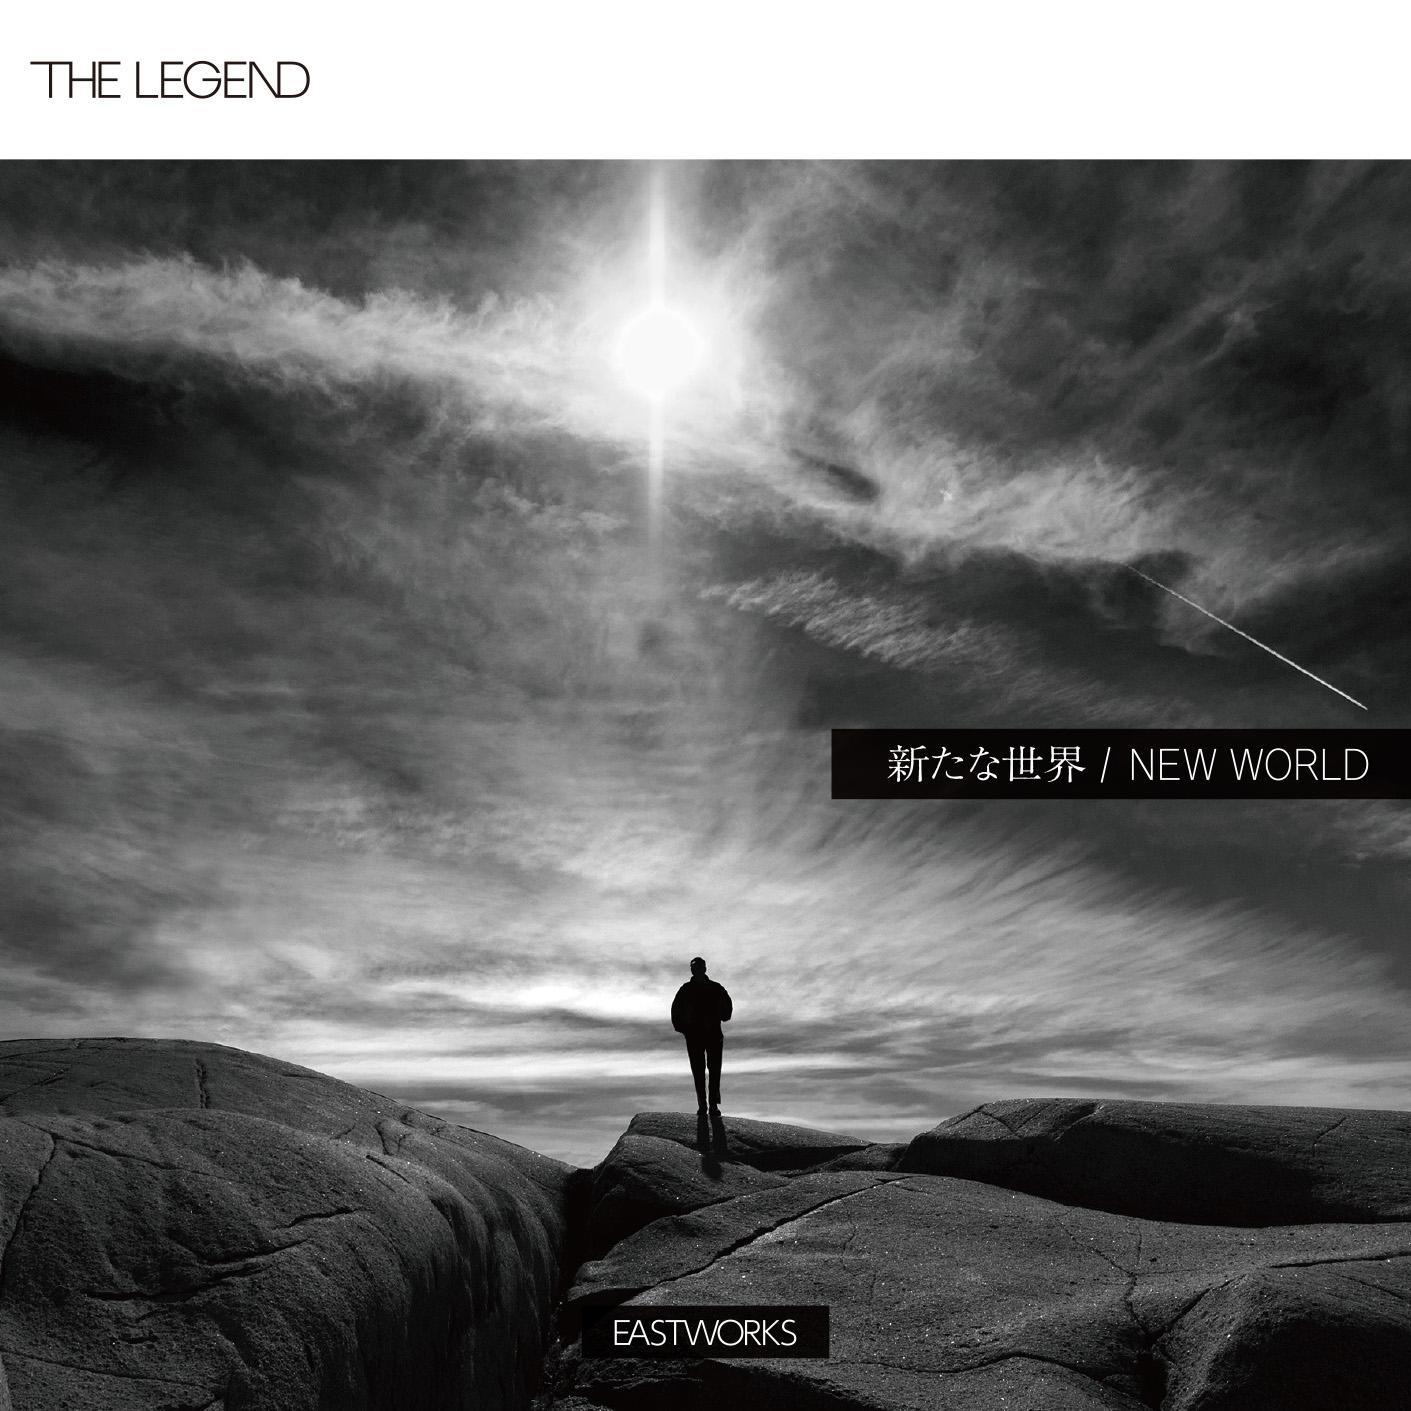 新たな世界/NEW WORLD